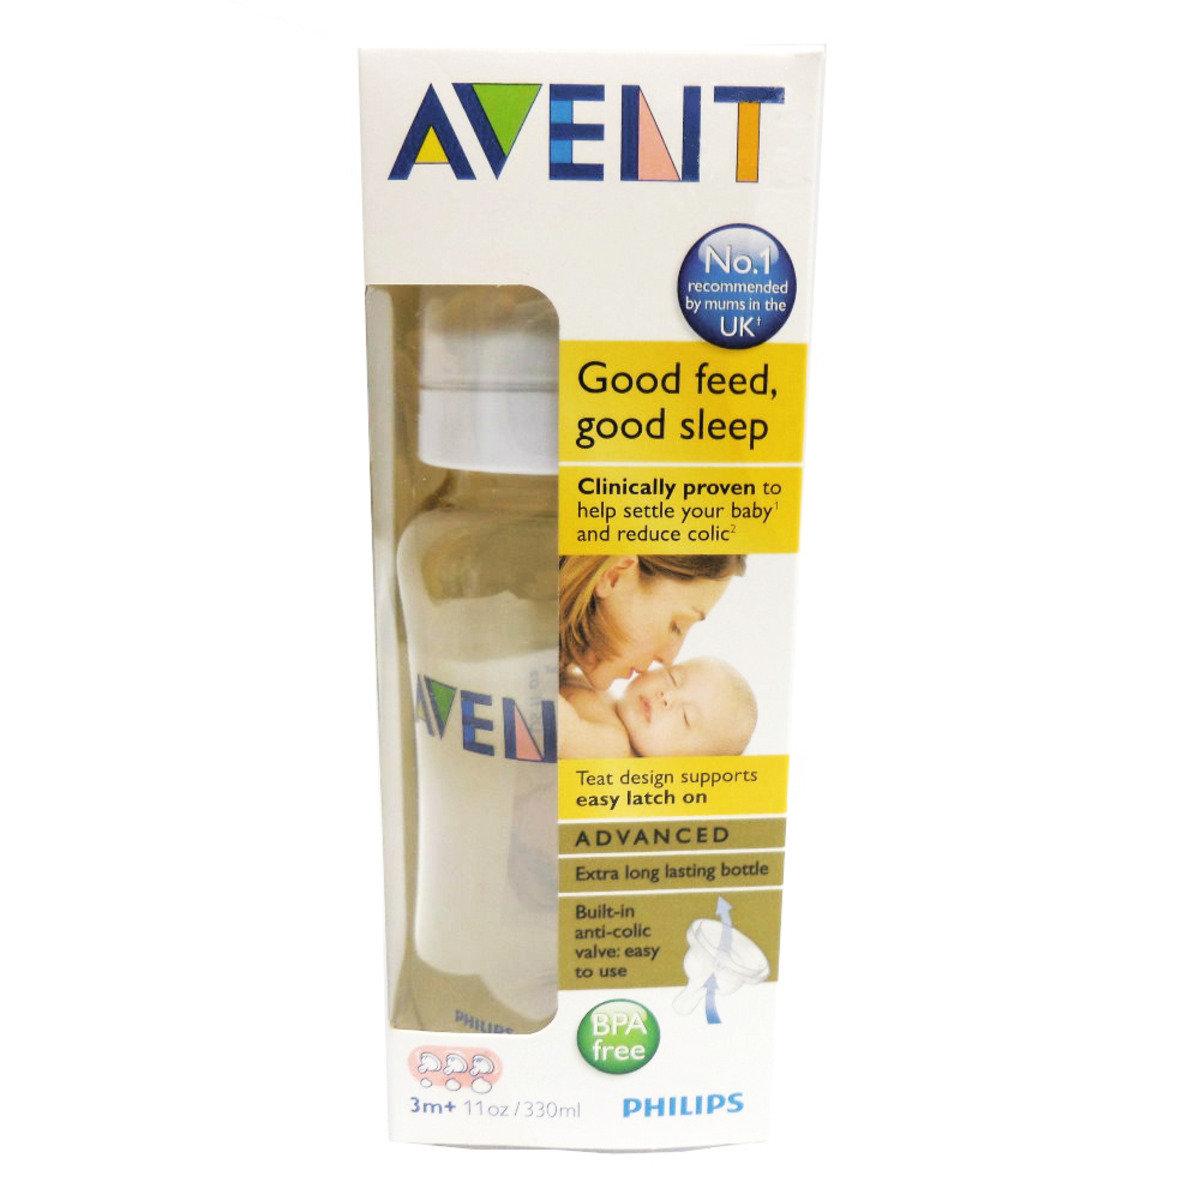 Avent 嬰兒奶瓶 (11安士/330毫升容量)